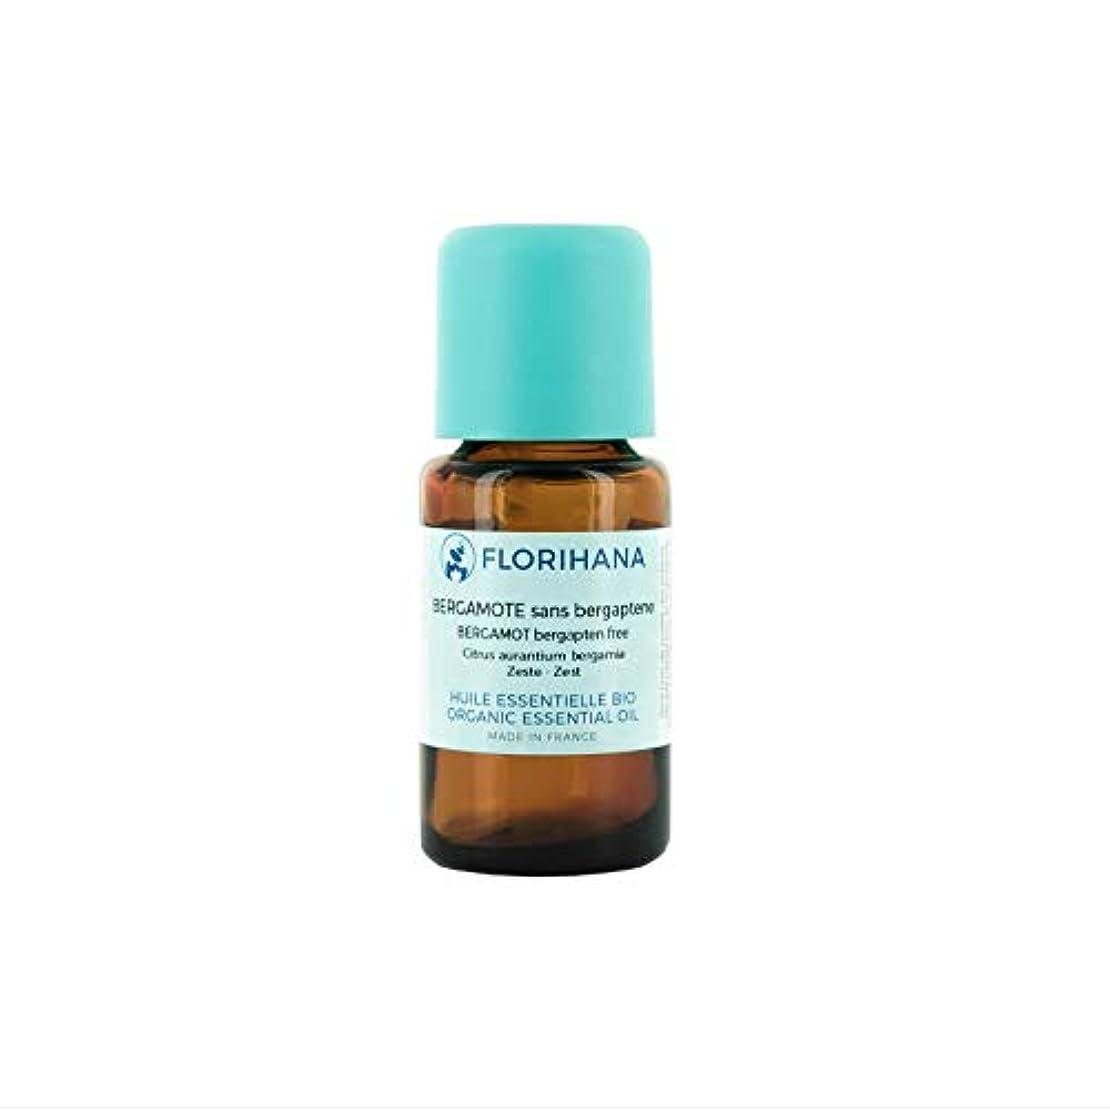 赤字しょっぱい消毒剤オーガニック エッセンシャルオイル ベルガモットベルガプテンフリー 5g(5.7ml)